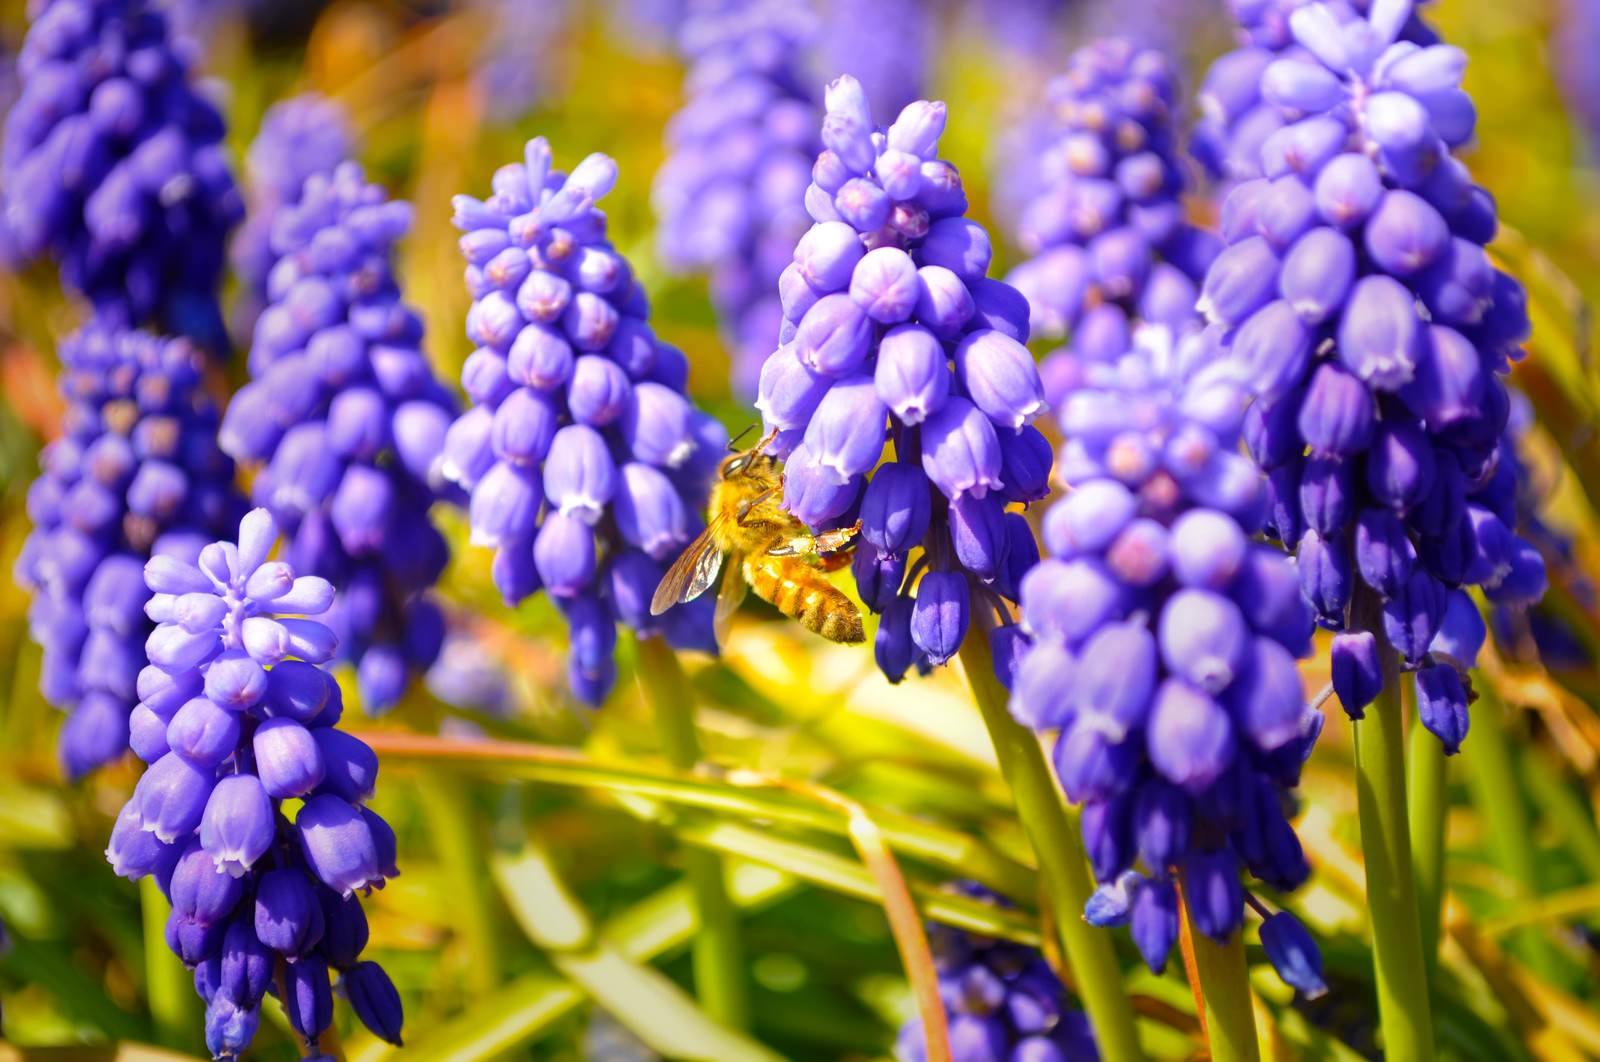 「ムスカリとミツバチ」の写真